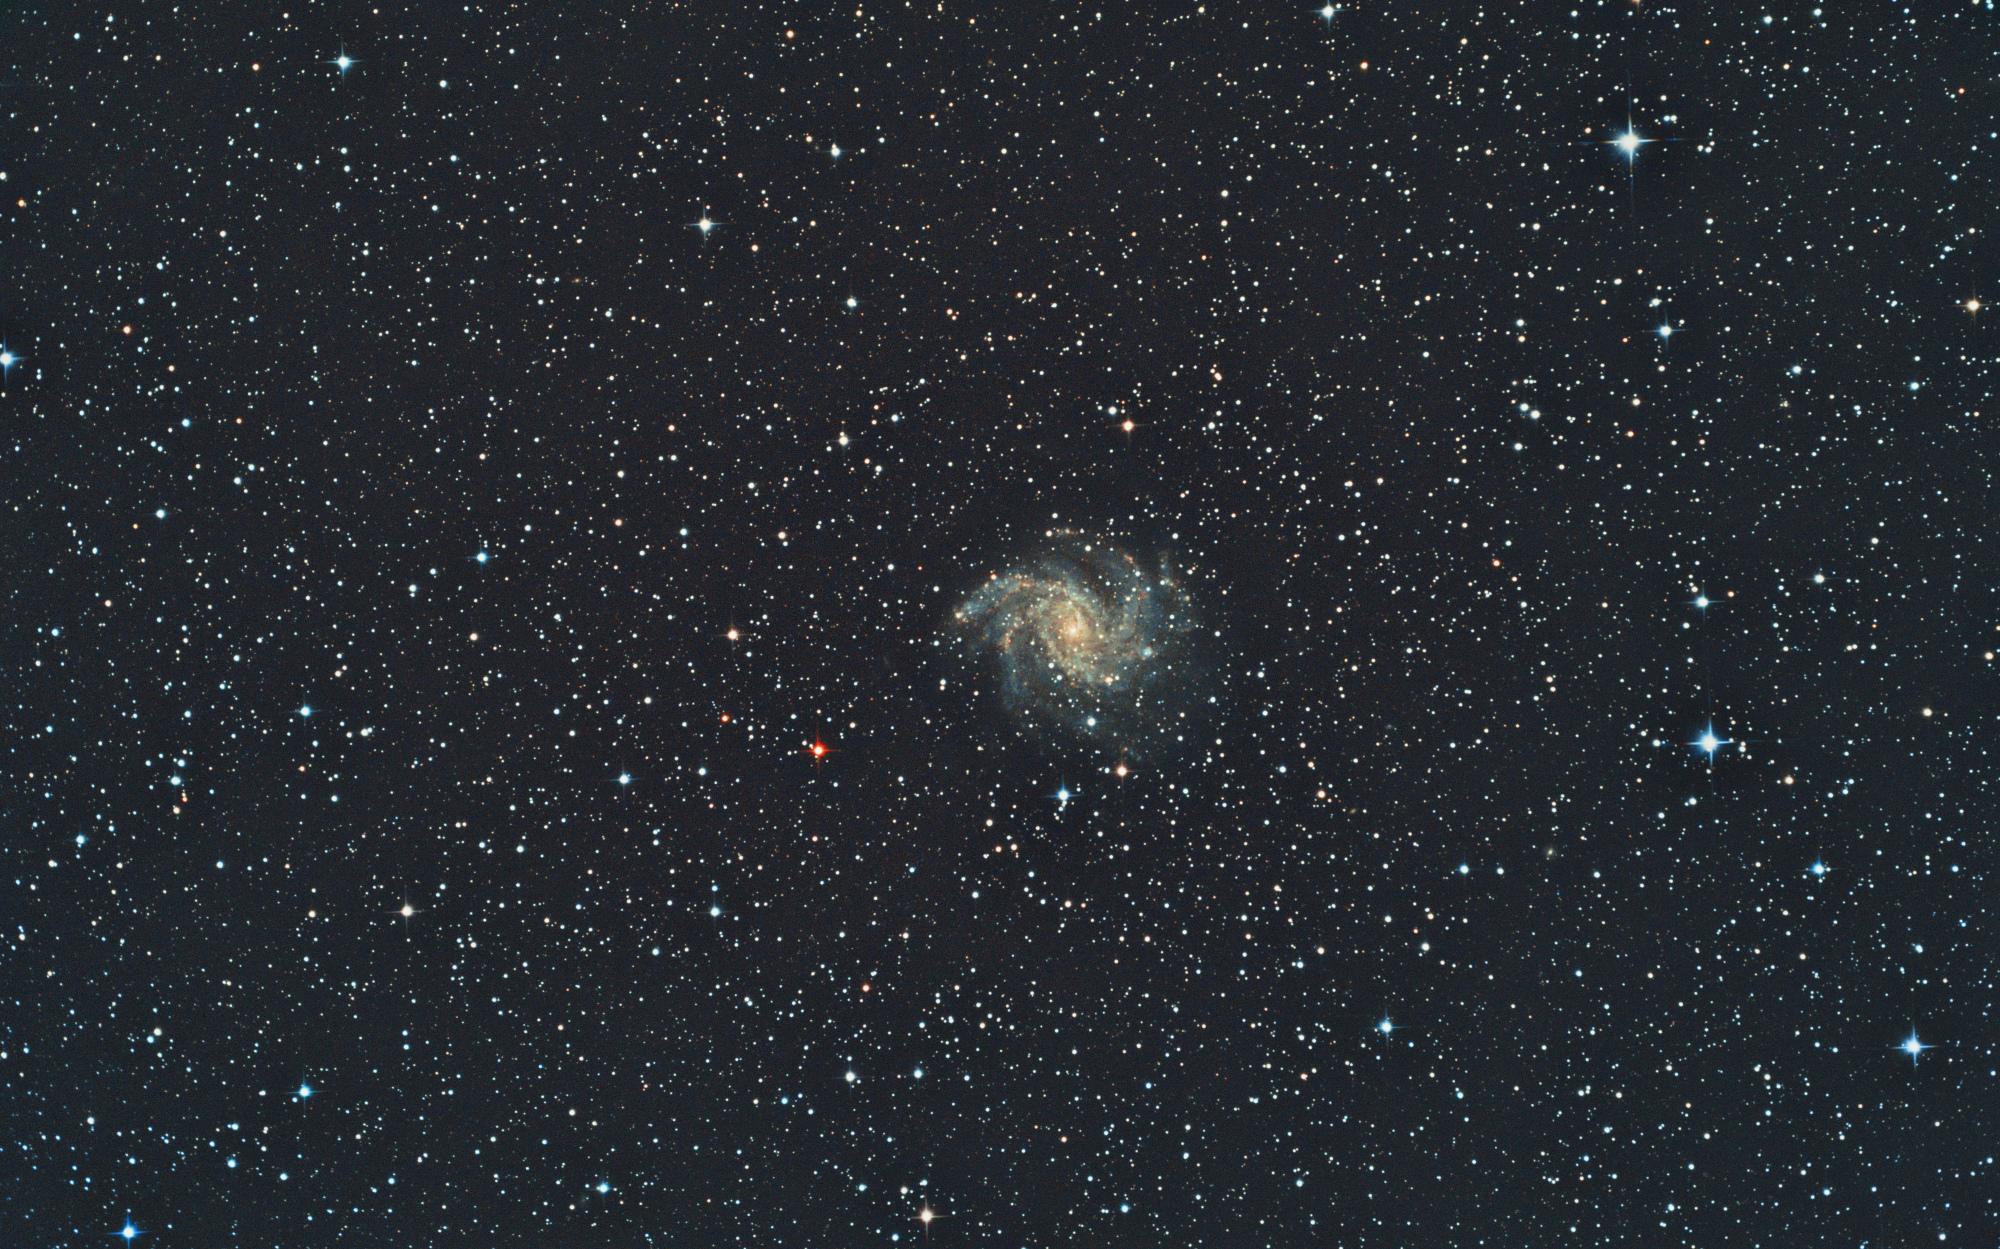 NGC6946_single_flat_copie_2.thumb.jpg.c831d20d615e7db8dbe2acb12ac22ff4.jpg